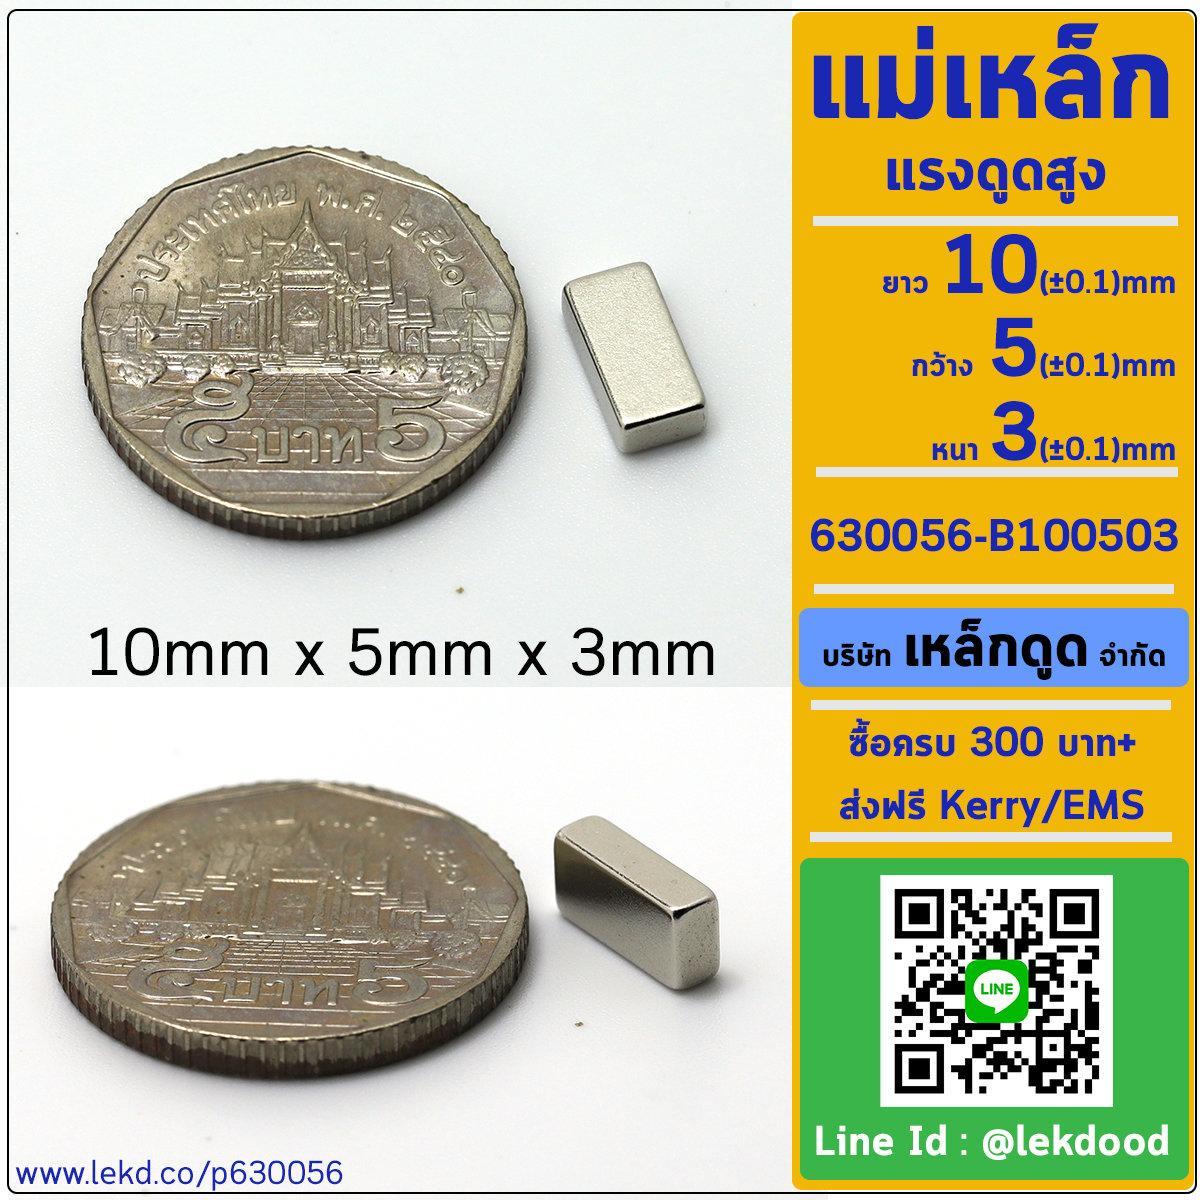 > แรงดูดสูงสุด 1,800 กรัมแรง < แม่เหล็กแรงสูง ขนาด 10mm x 5mm x 3mm รหัส 630056-B100503 แม่เหล็กแรงสูงสี่เหลี่ยม